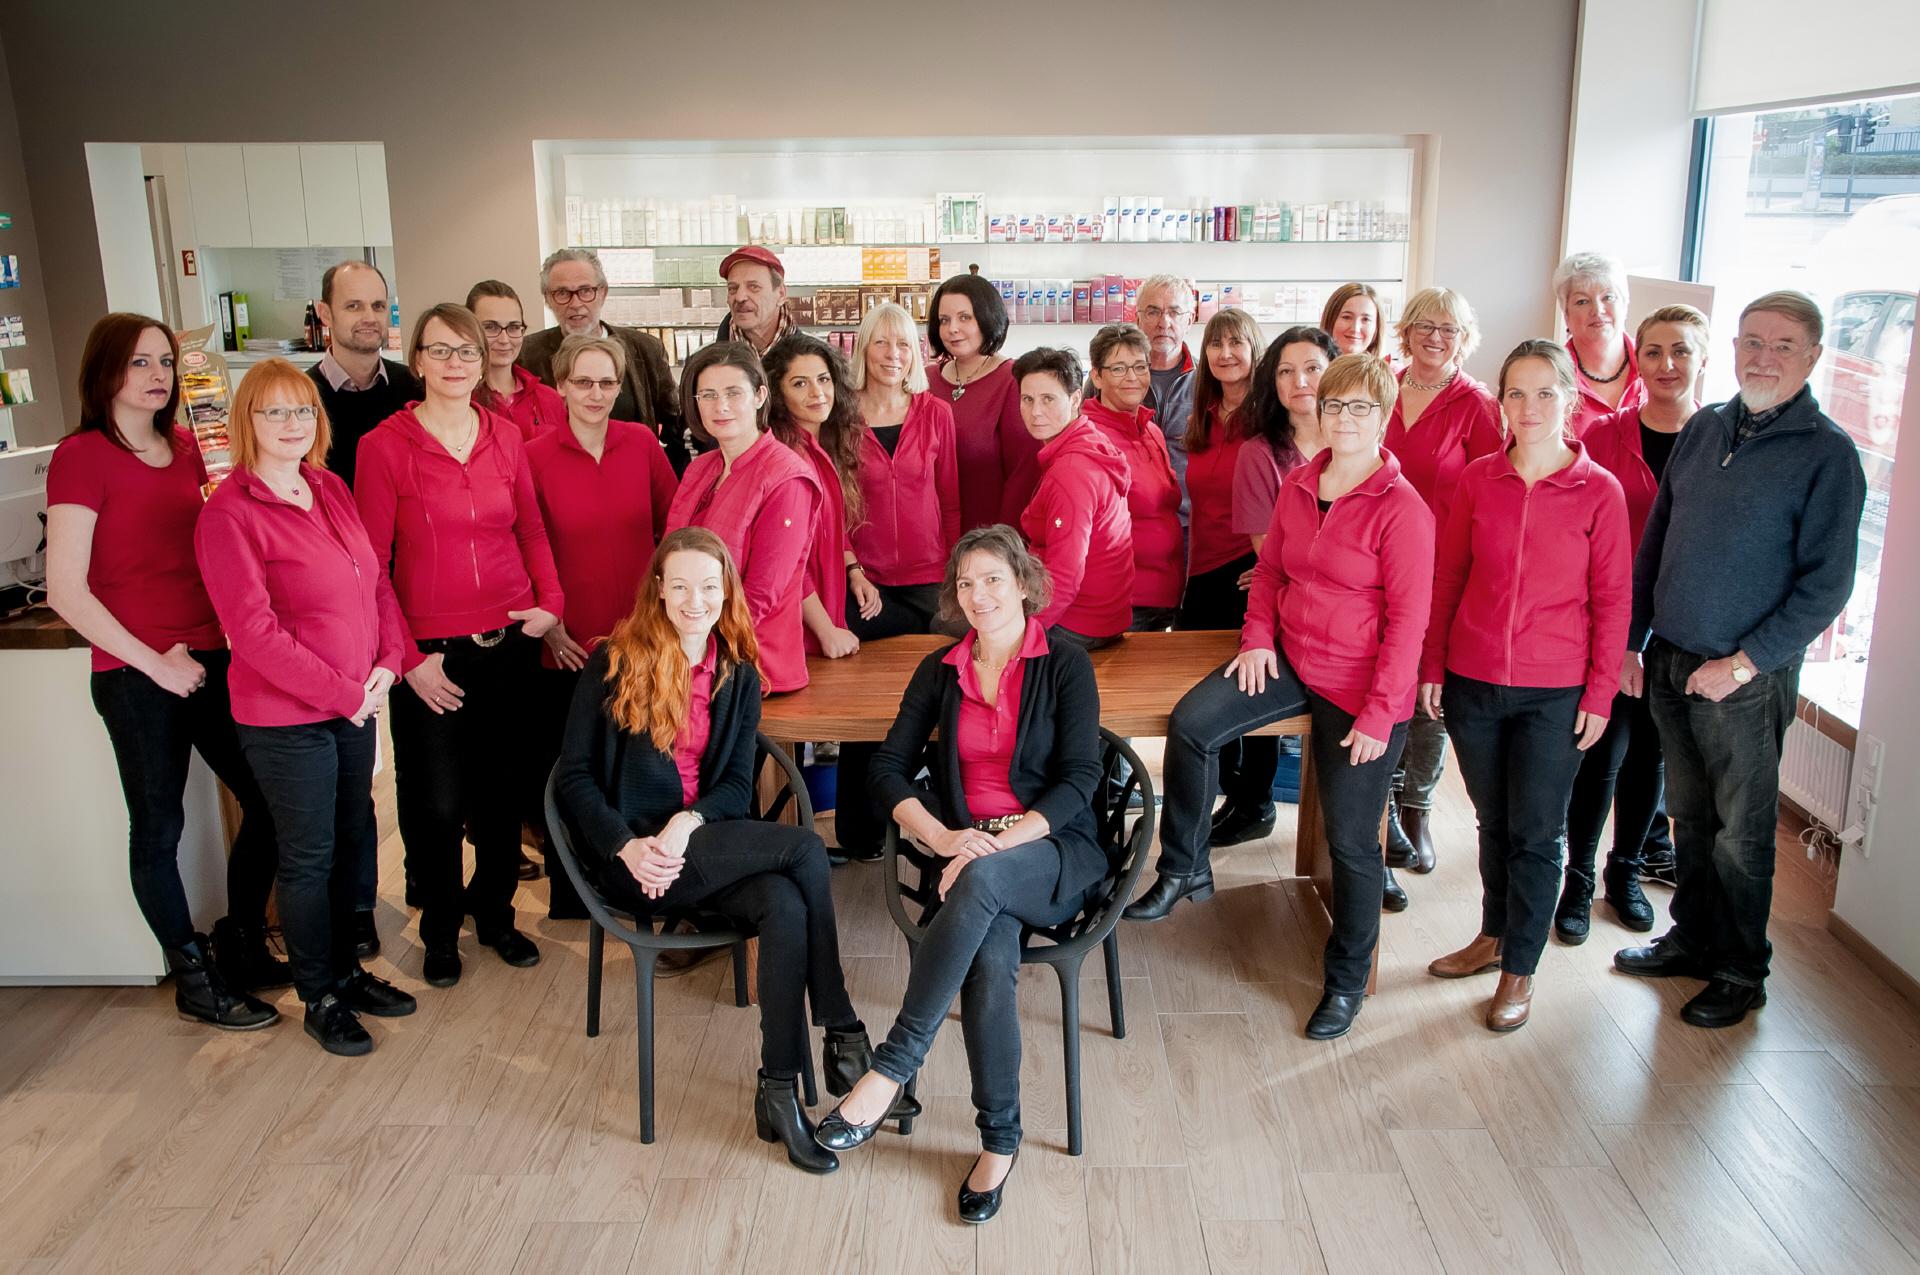 Tannenberg Apotheke Wuppertal Team